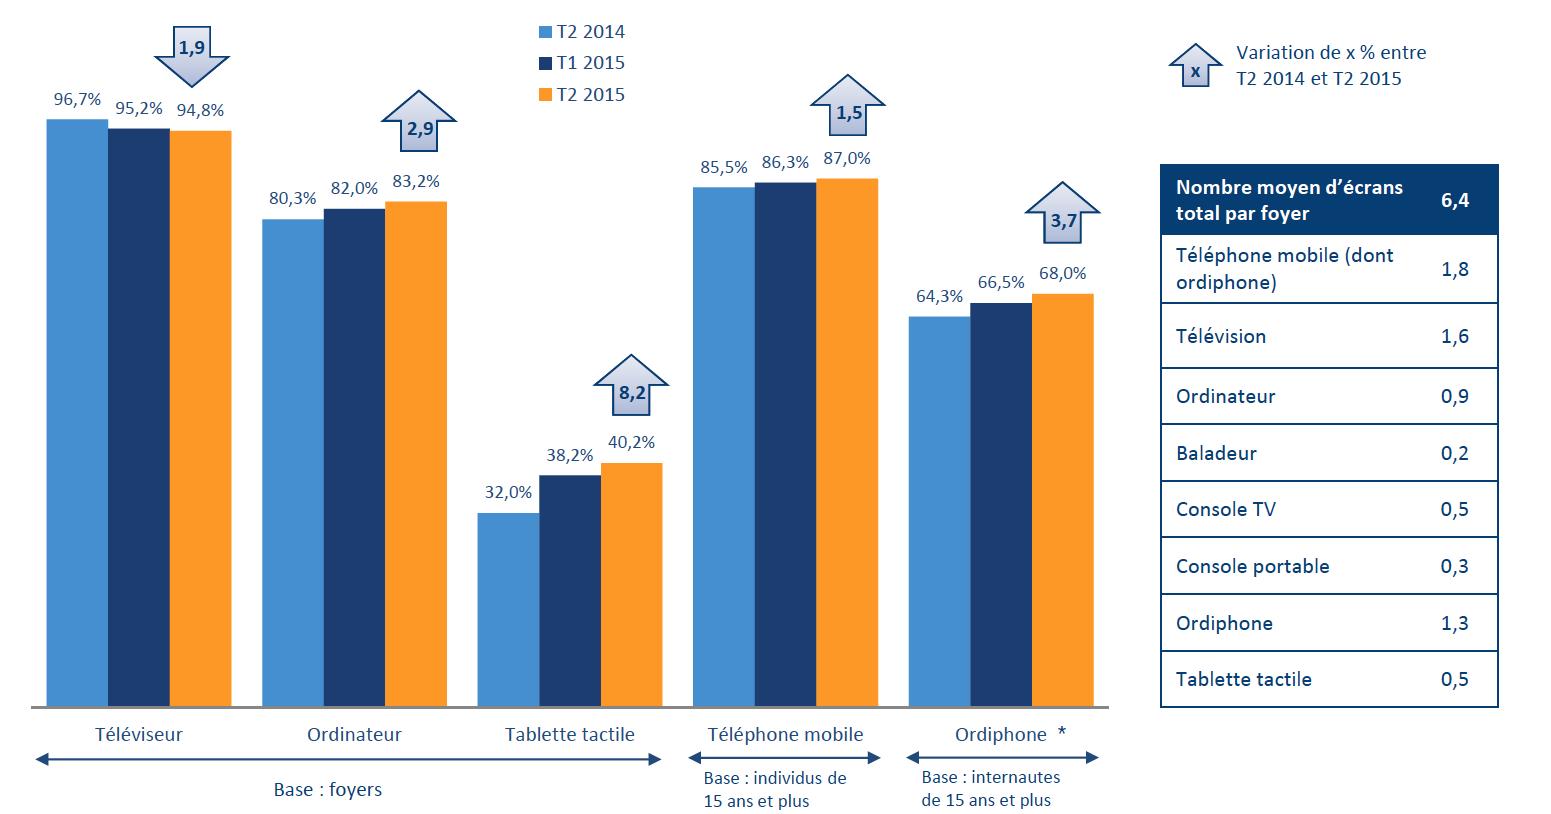 Le taux d'équipement des foyers en téléviseurs continue de baisser légèrement mais le téléviseur demeure l'écran le plus répandu